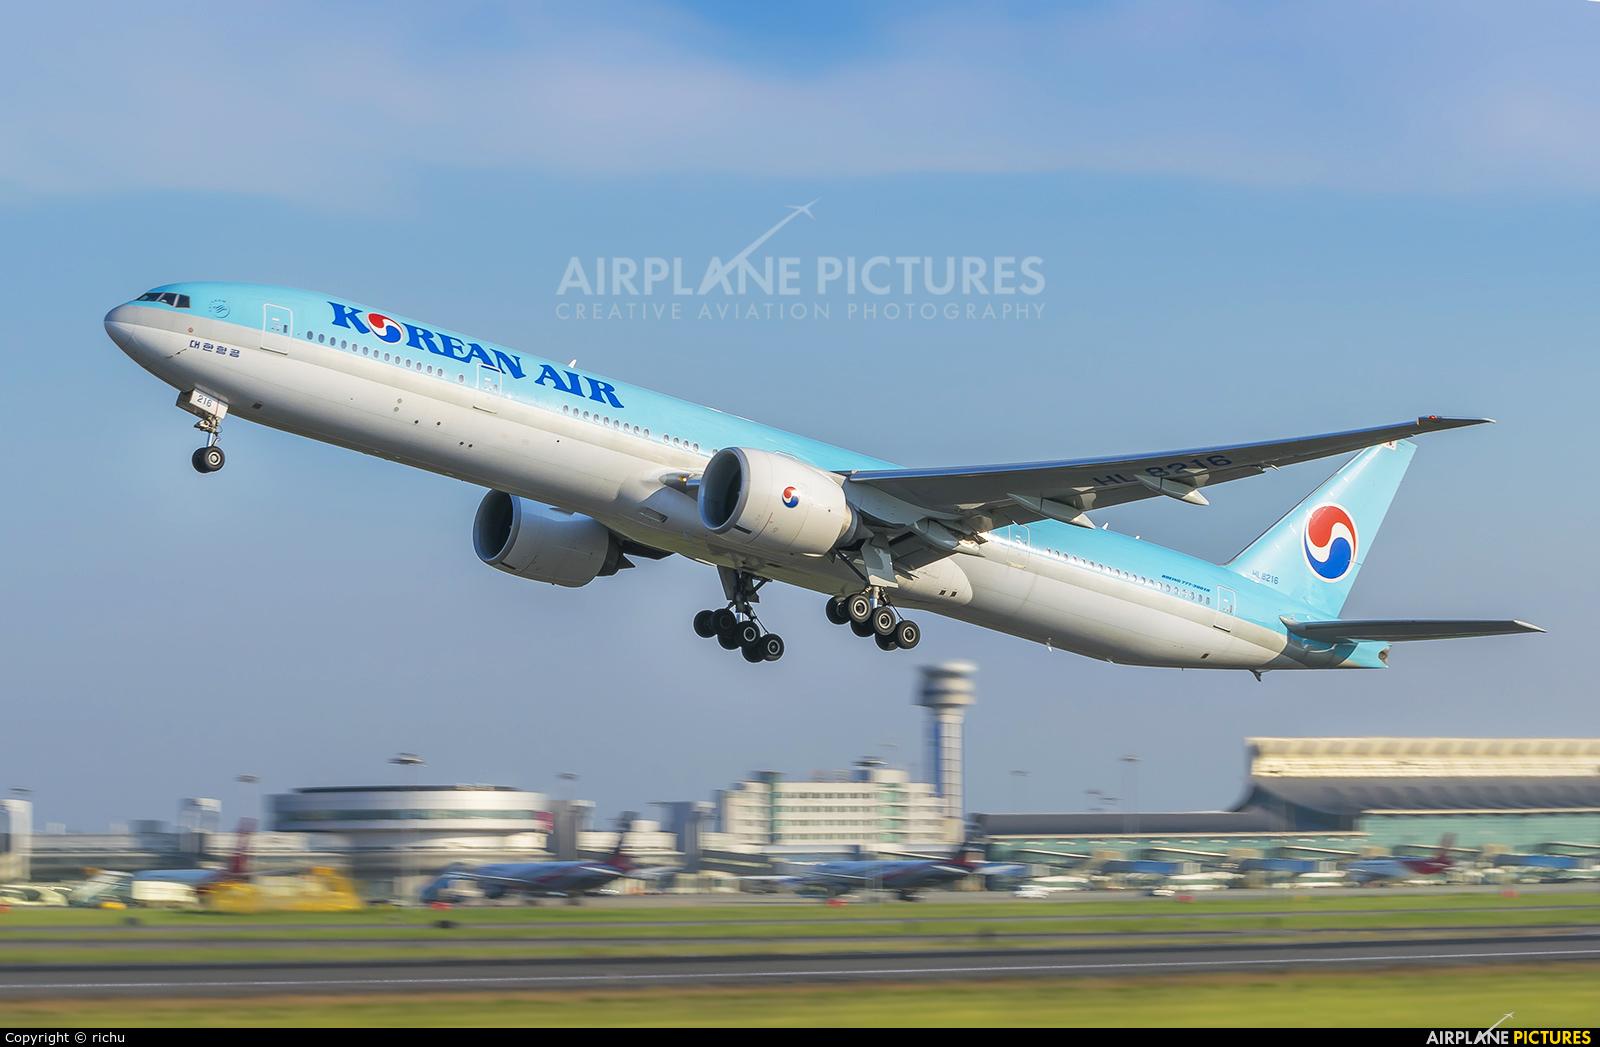 Korean Air HL8216 aircraft at Shenyang-Taoxian